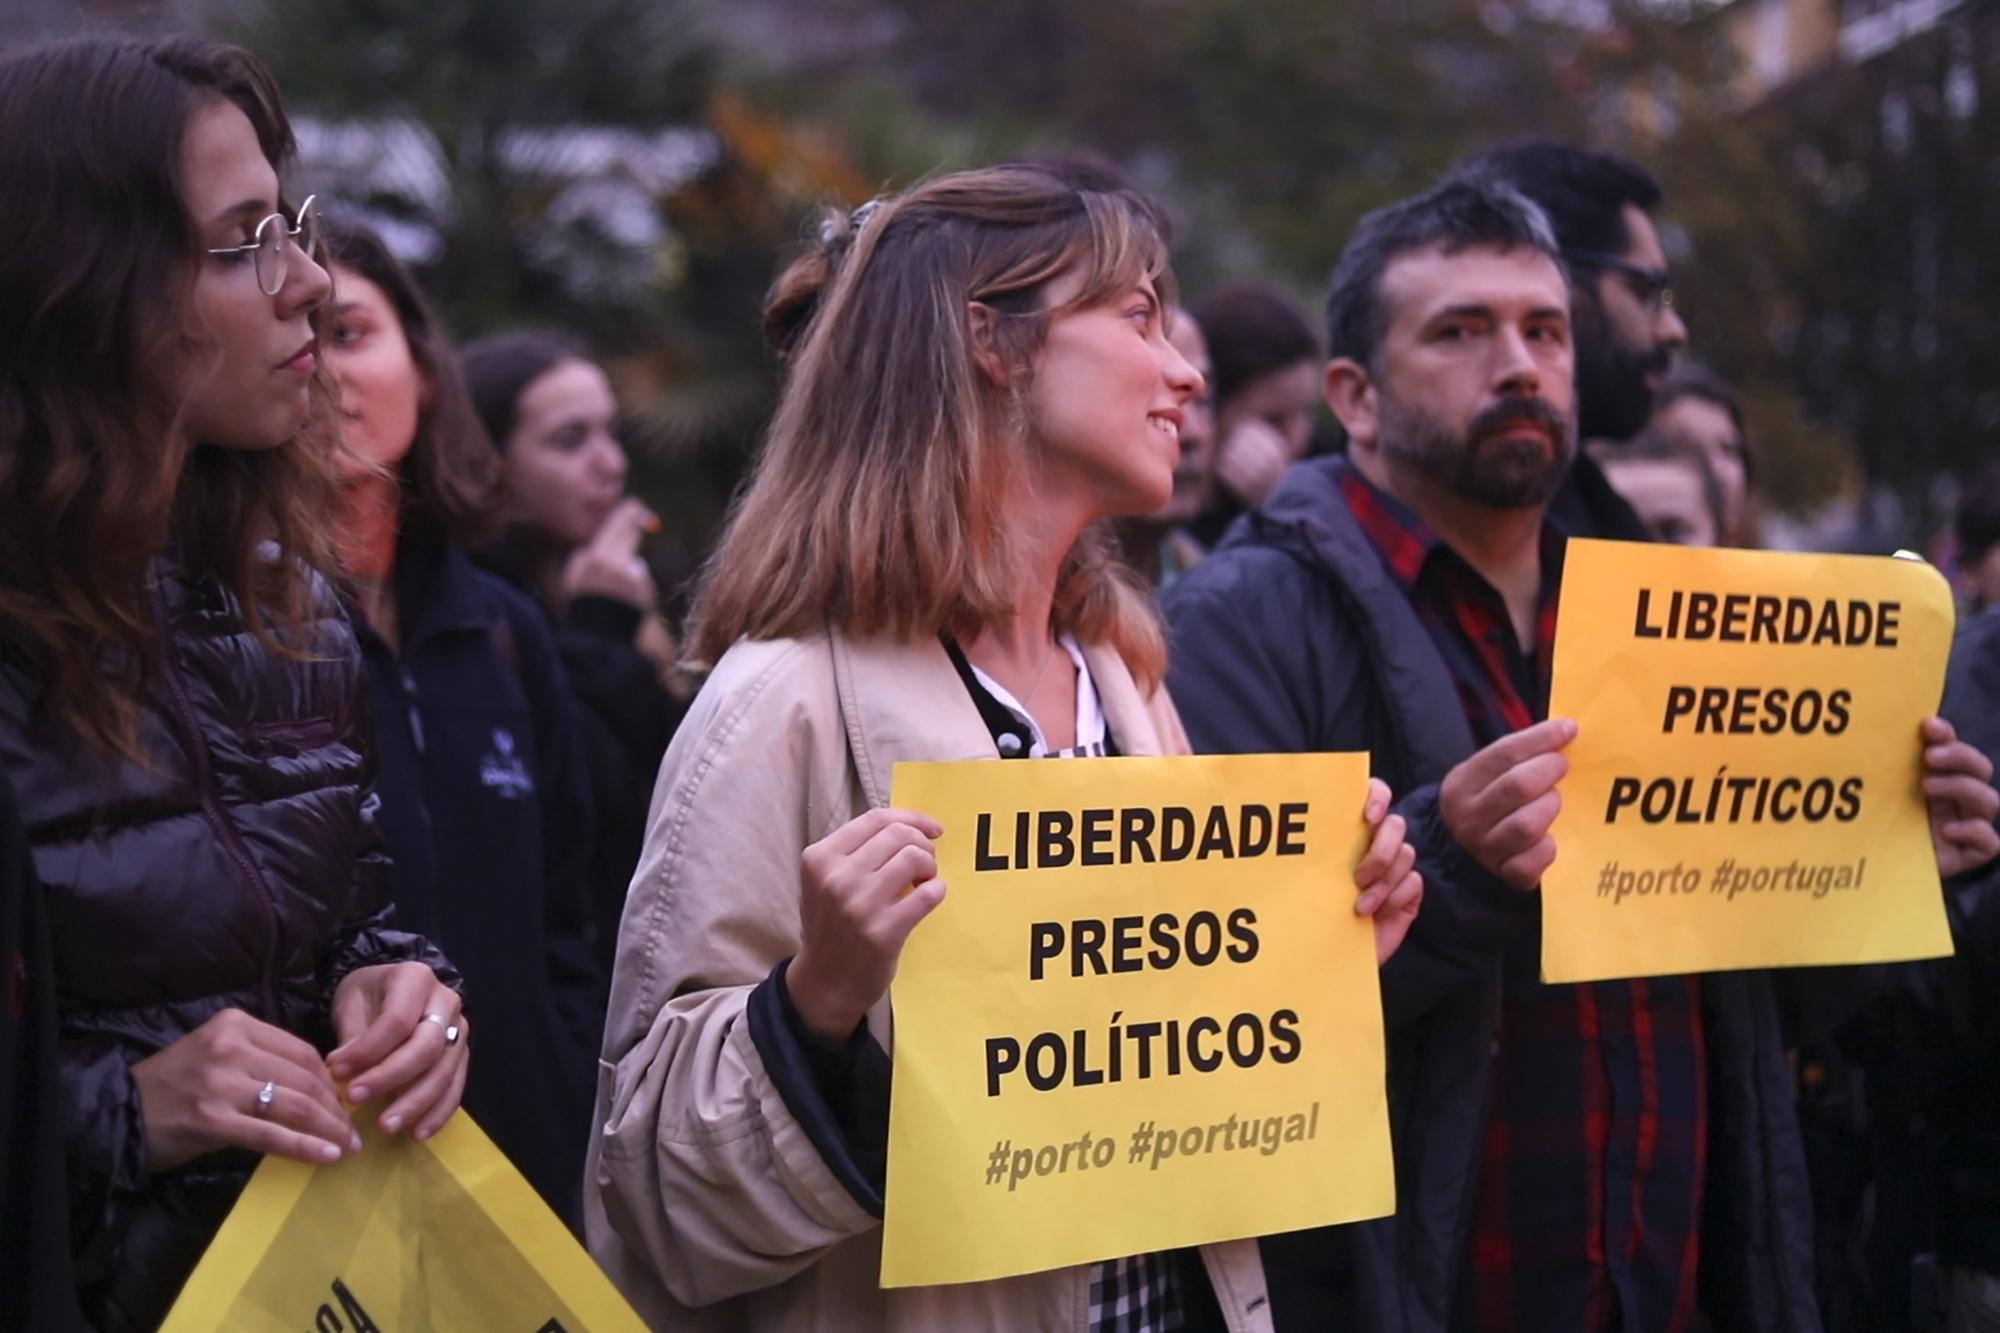 Dezenas de pessoas participaram na manifestação organizada no Porto, contra a prisão dos líderes independentistas catalães.